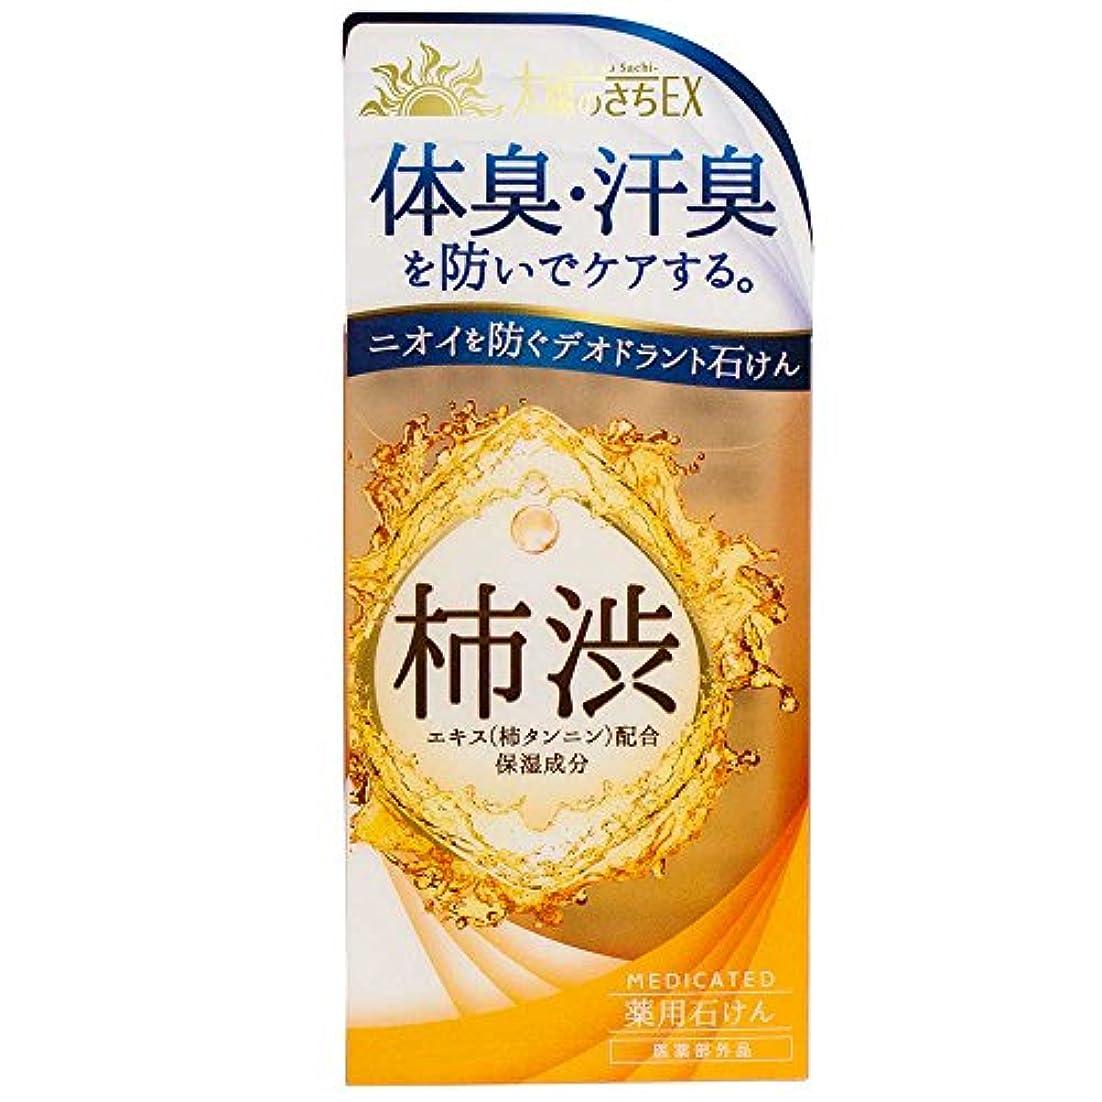 スカート調整する余剰薬用太陽のさちEX 柿渋石けん 120g